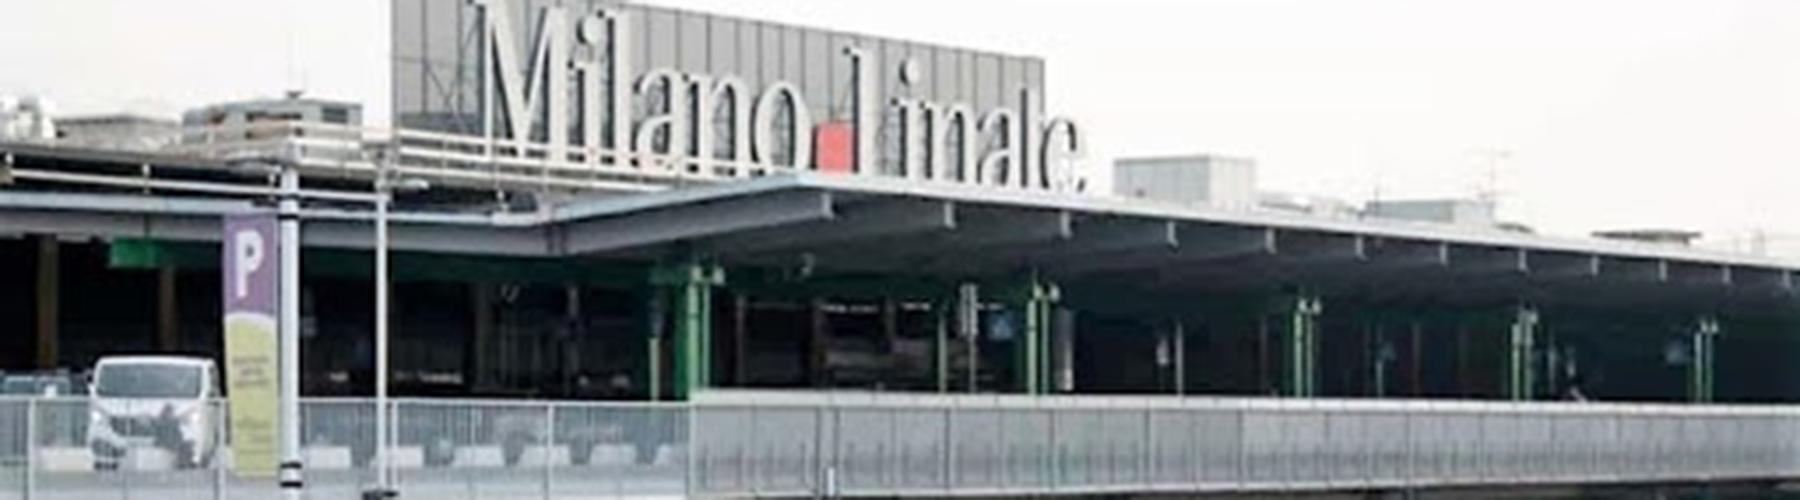 밀라노 - 리나테 공항에 가까운 캠핑장. 밀라노의 지도, 밀라노에 위치한 캠핑장에 대한 사진 및 리뷰.